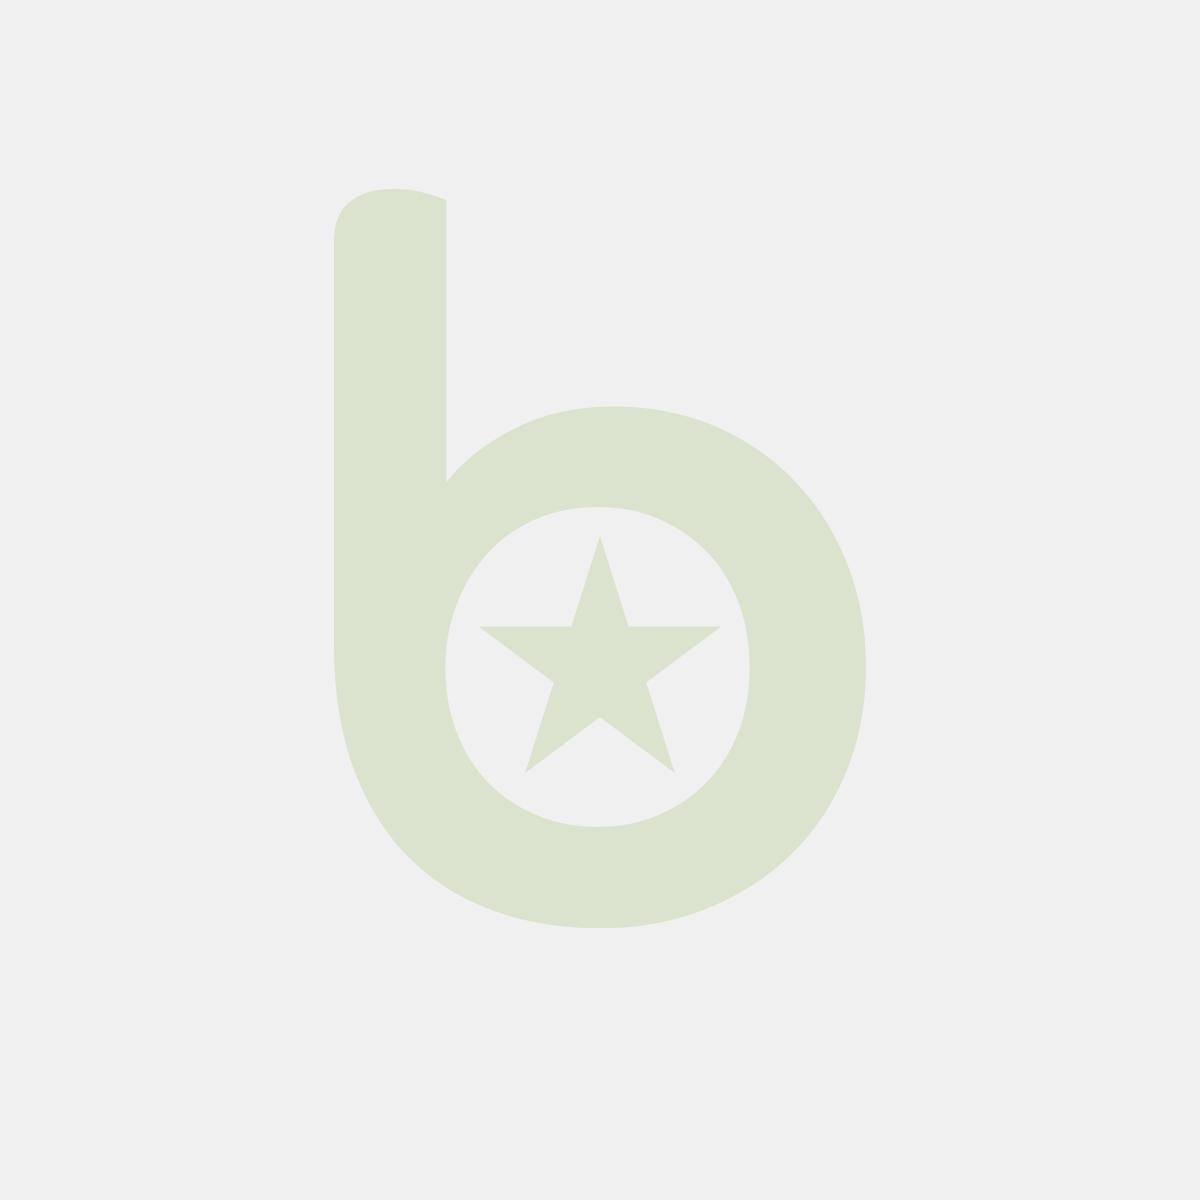 Marker do tablic DONAU D-Signer B, okrągły, 2-4mm (linia), czarny